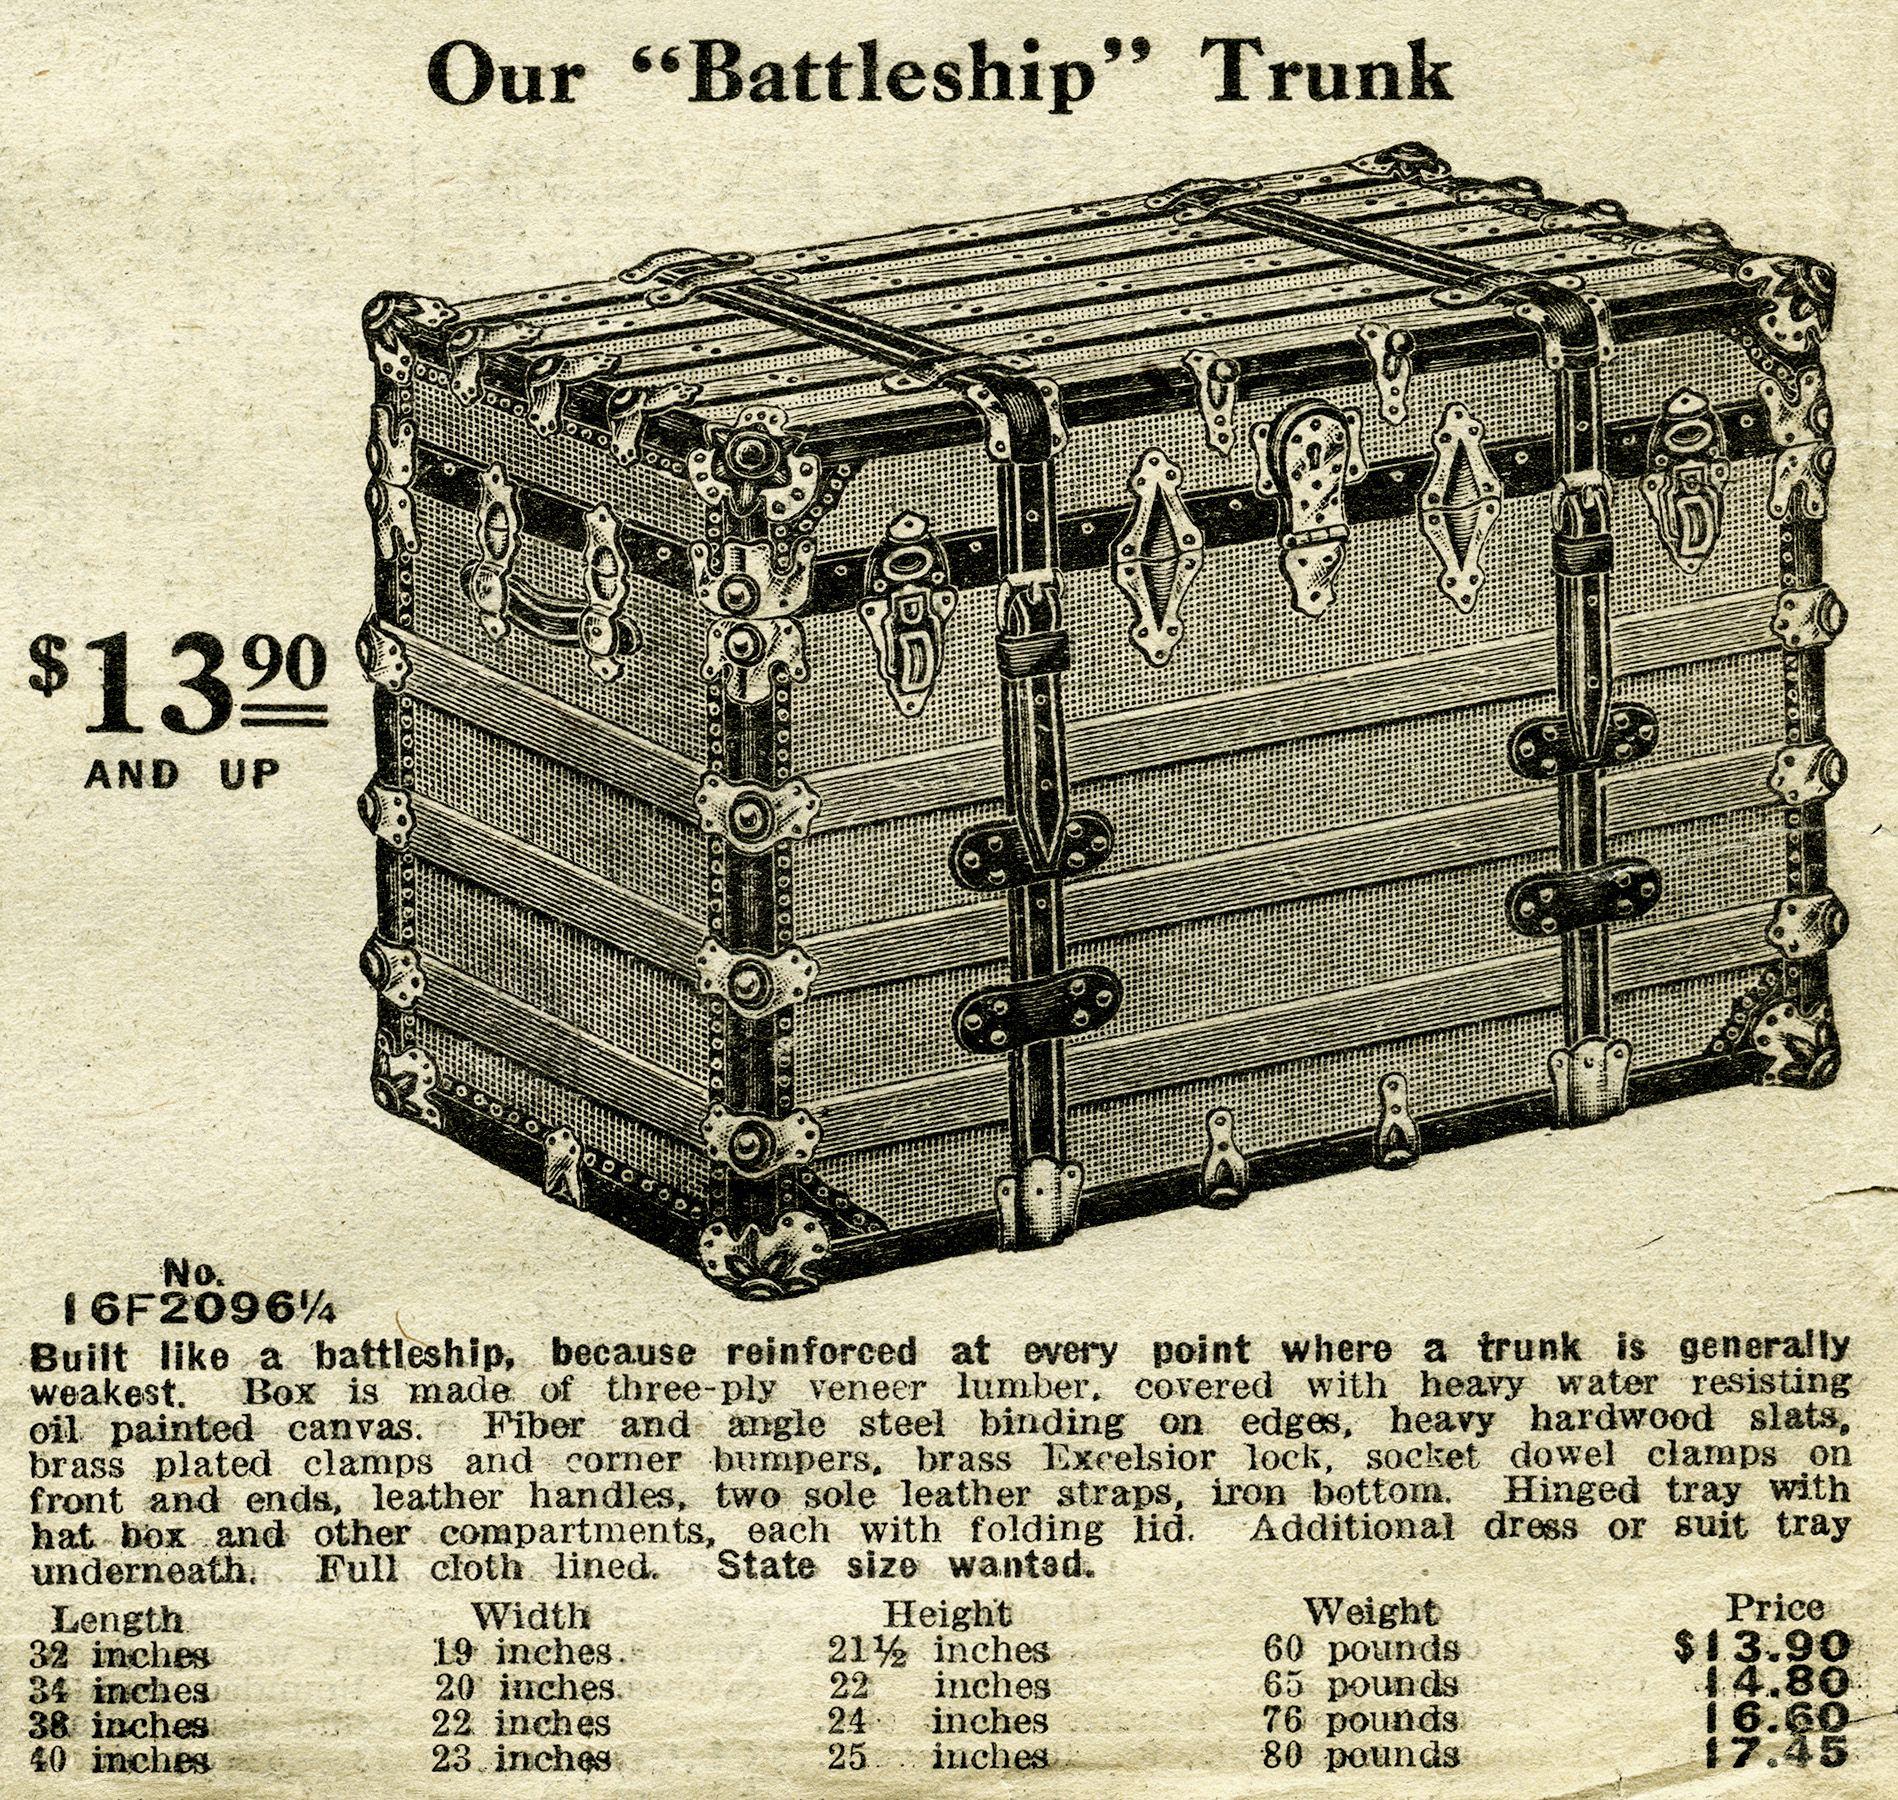 1916 Sears catalogue.